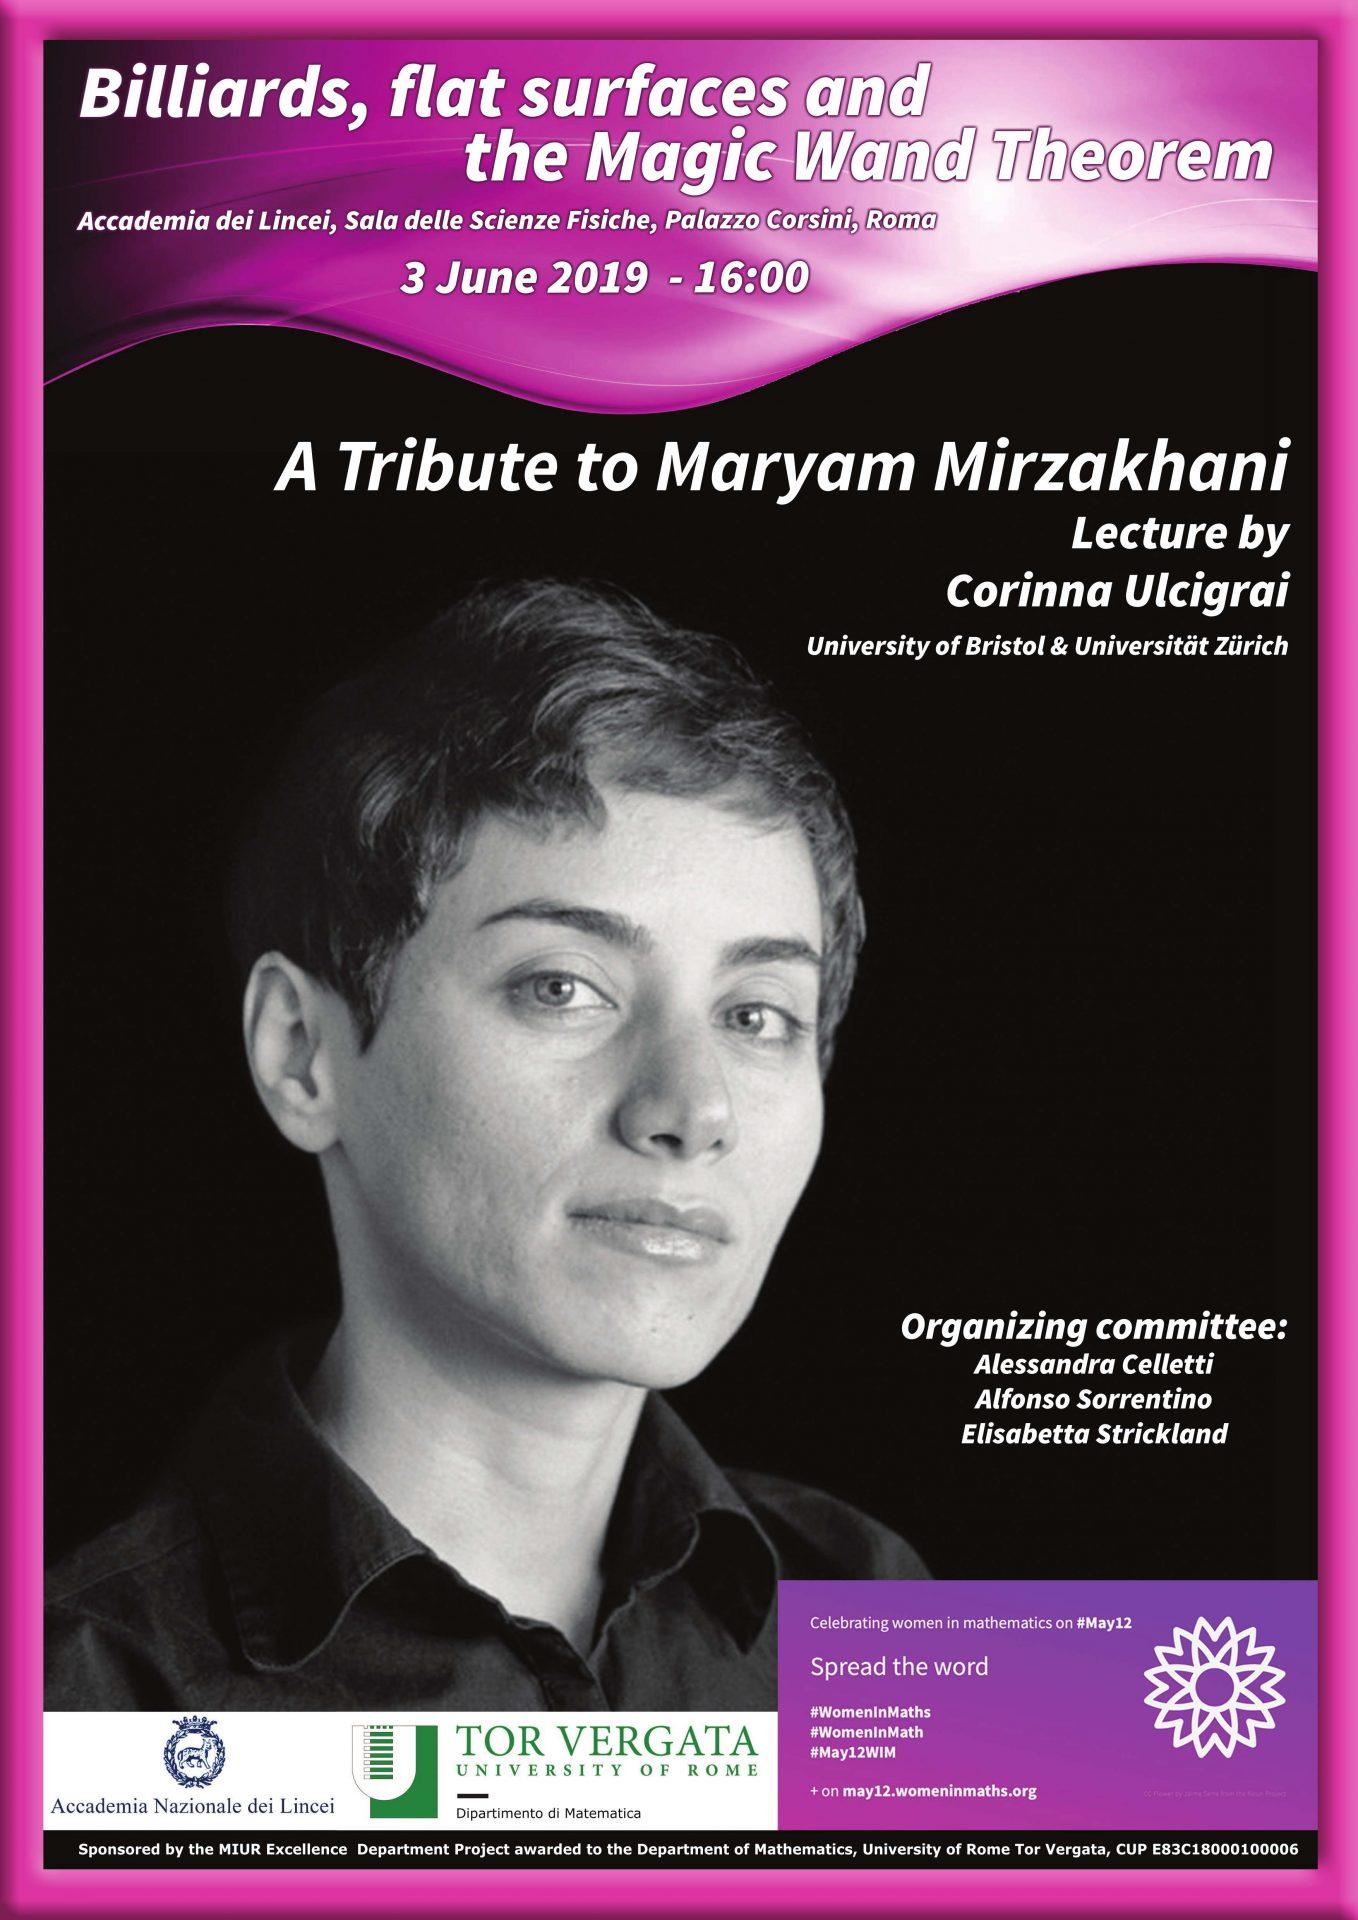 Giornata ai Lincei in memoria di Maryam Mirzakhani: un reportage